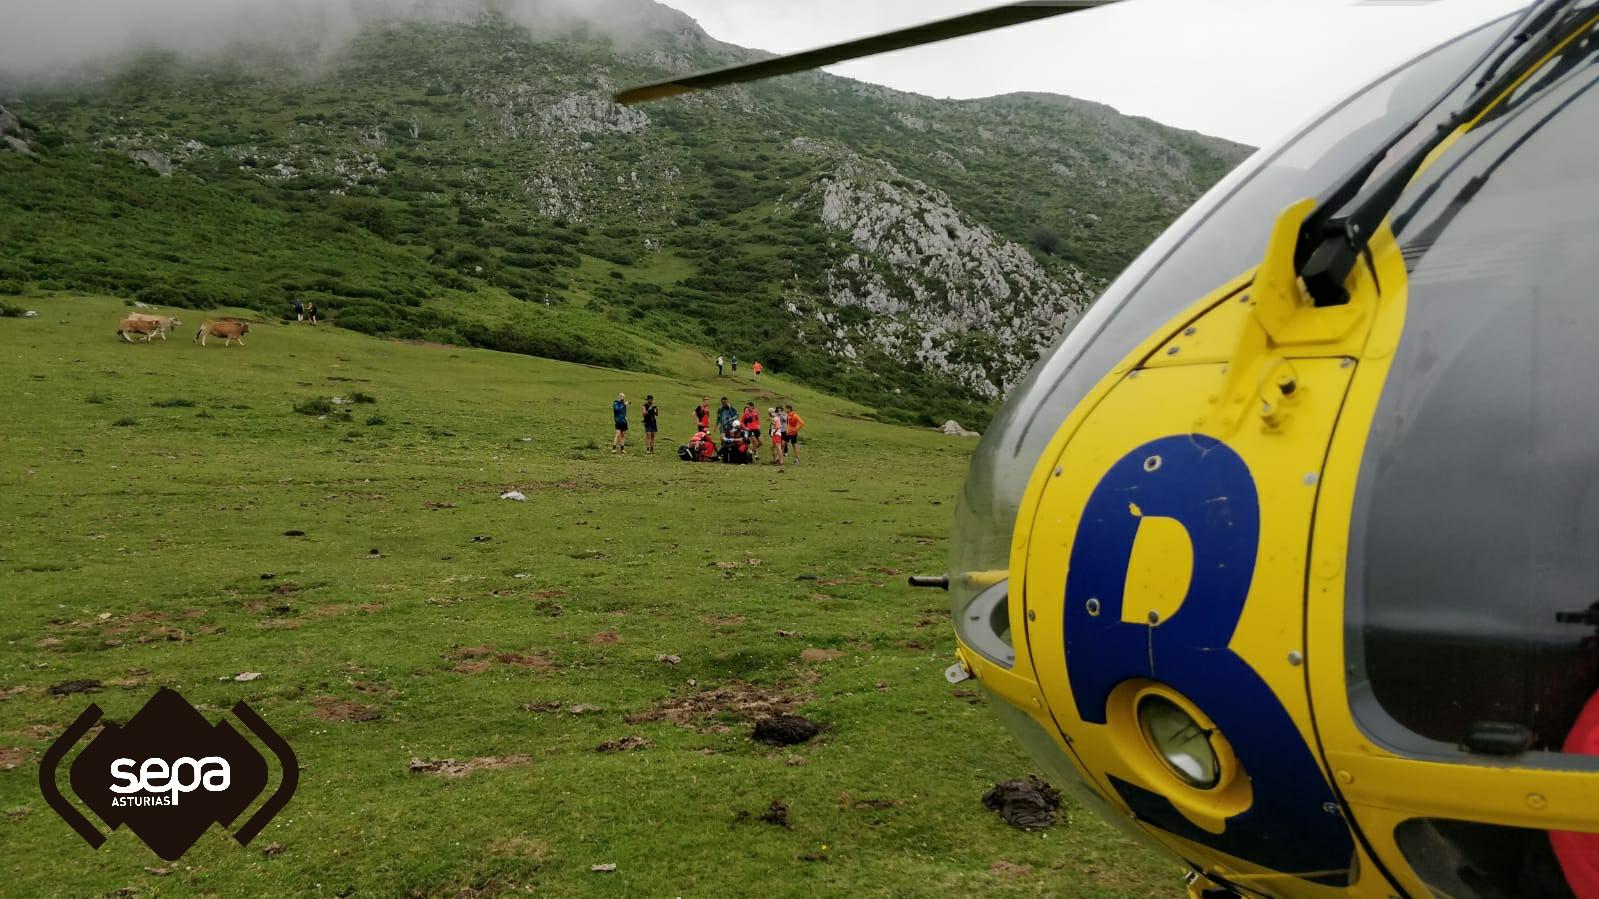 Un joven de 19 años evacuado a bordo del helicóptero medicalizado